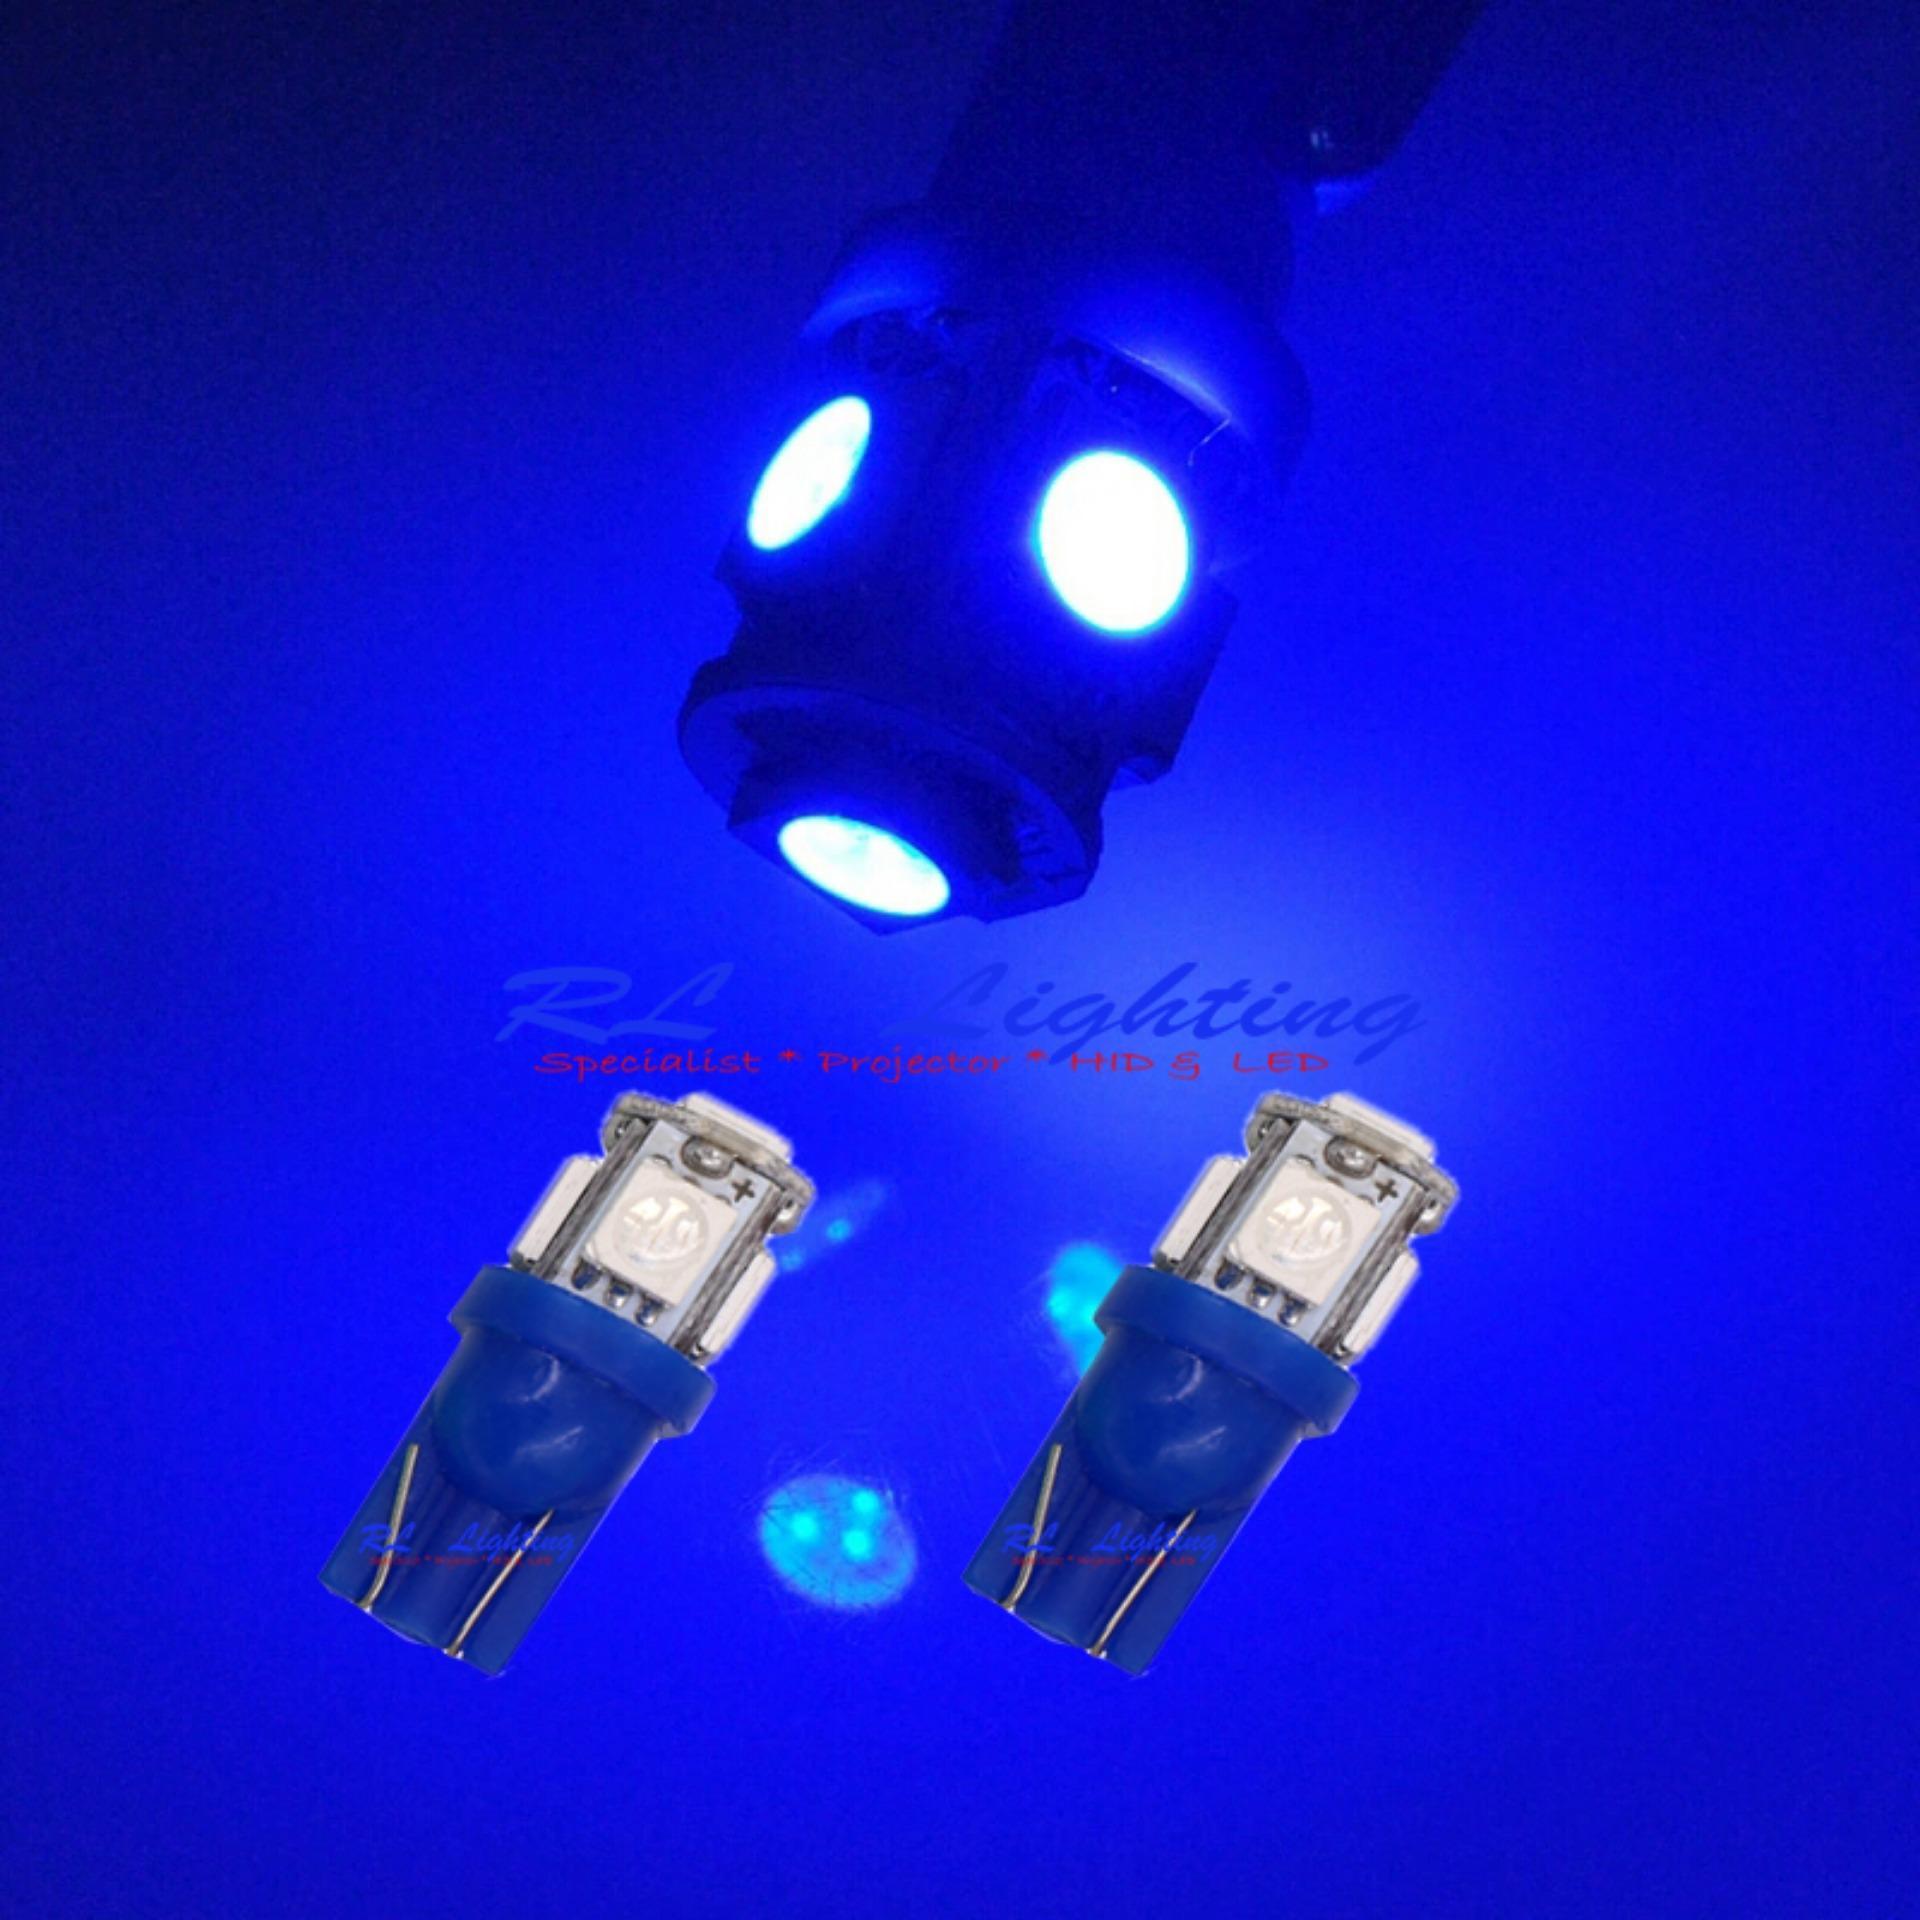 2bh LED Lampu Senja Bola Cucuk Led T10 - Biru